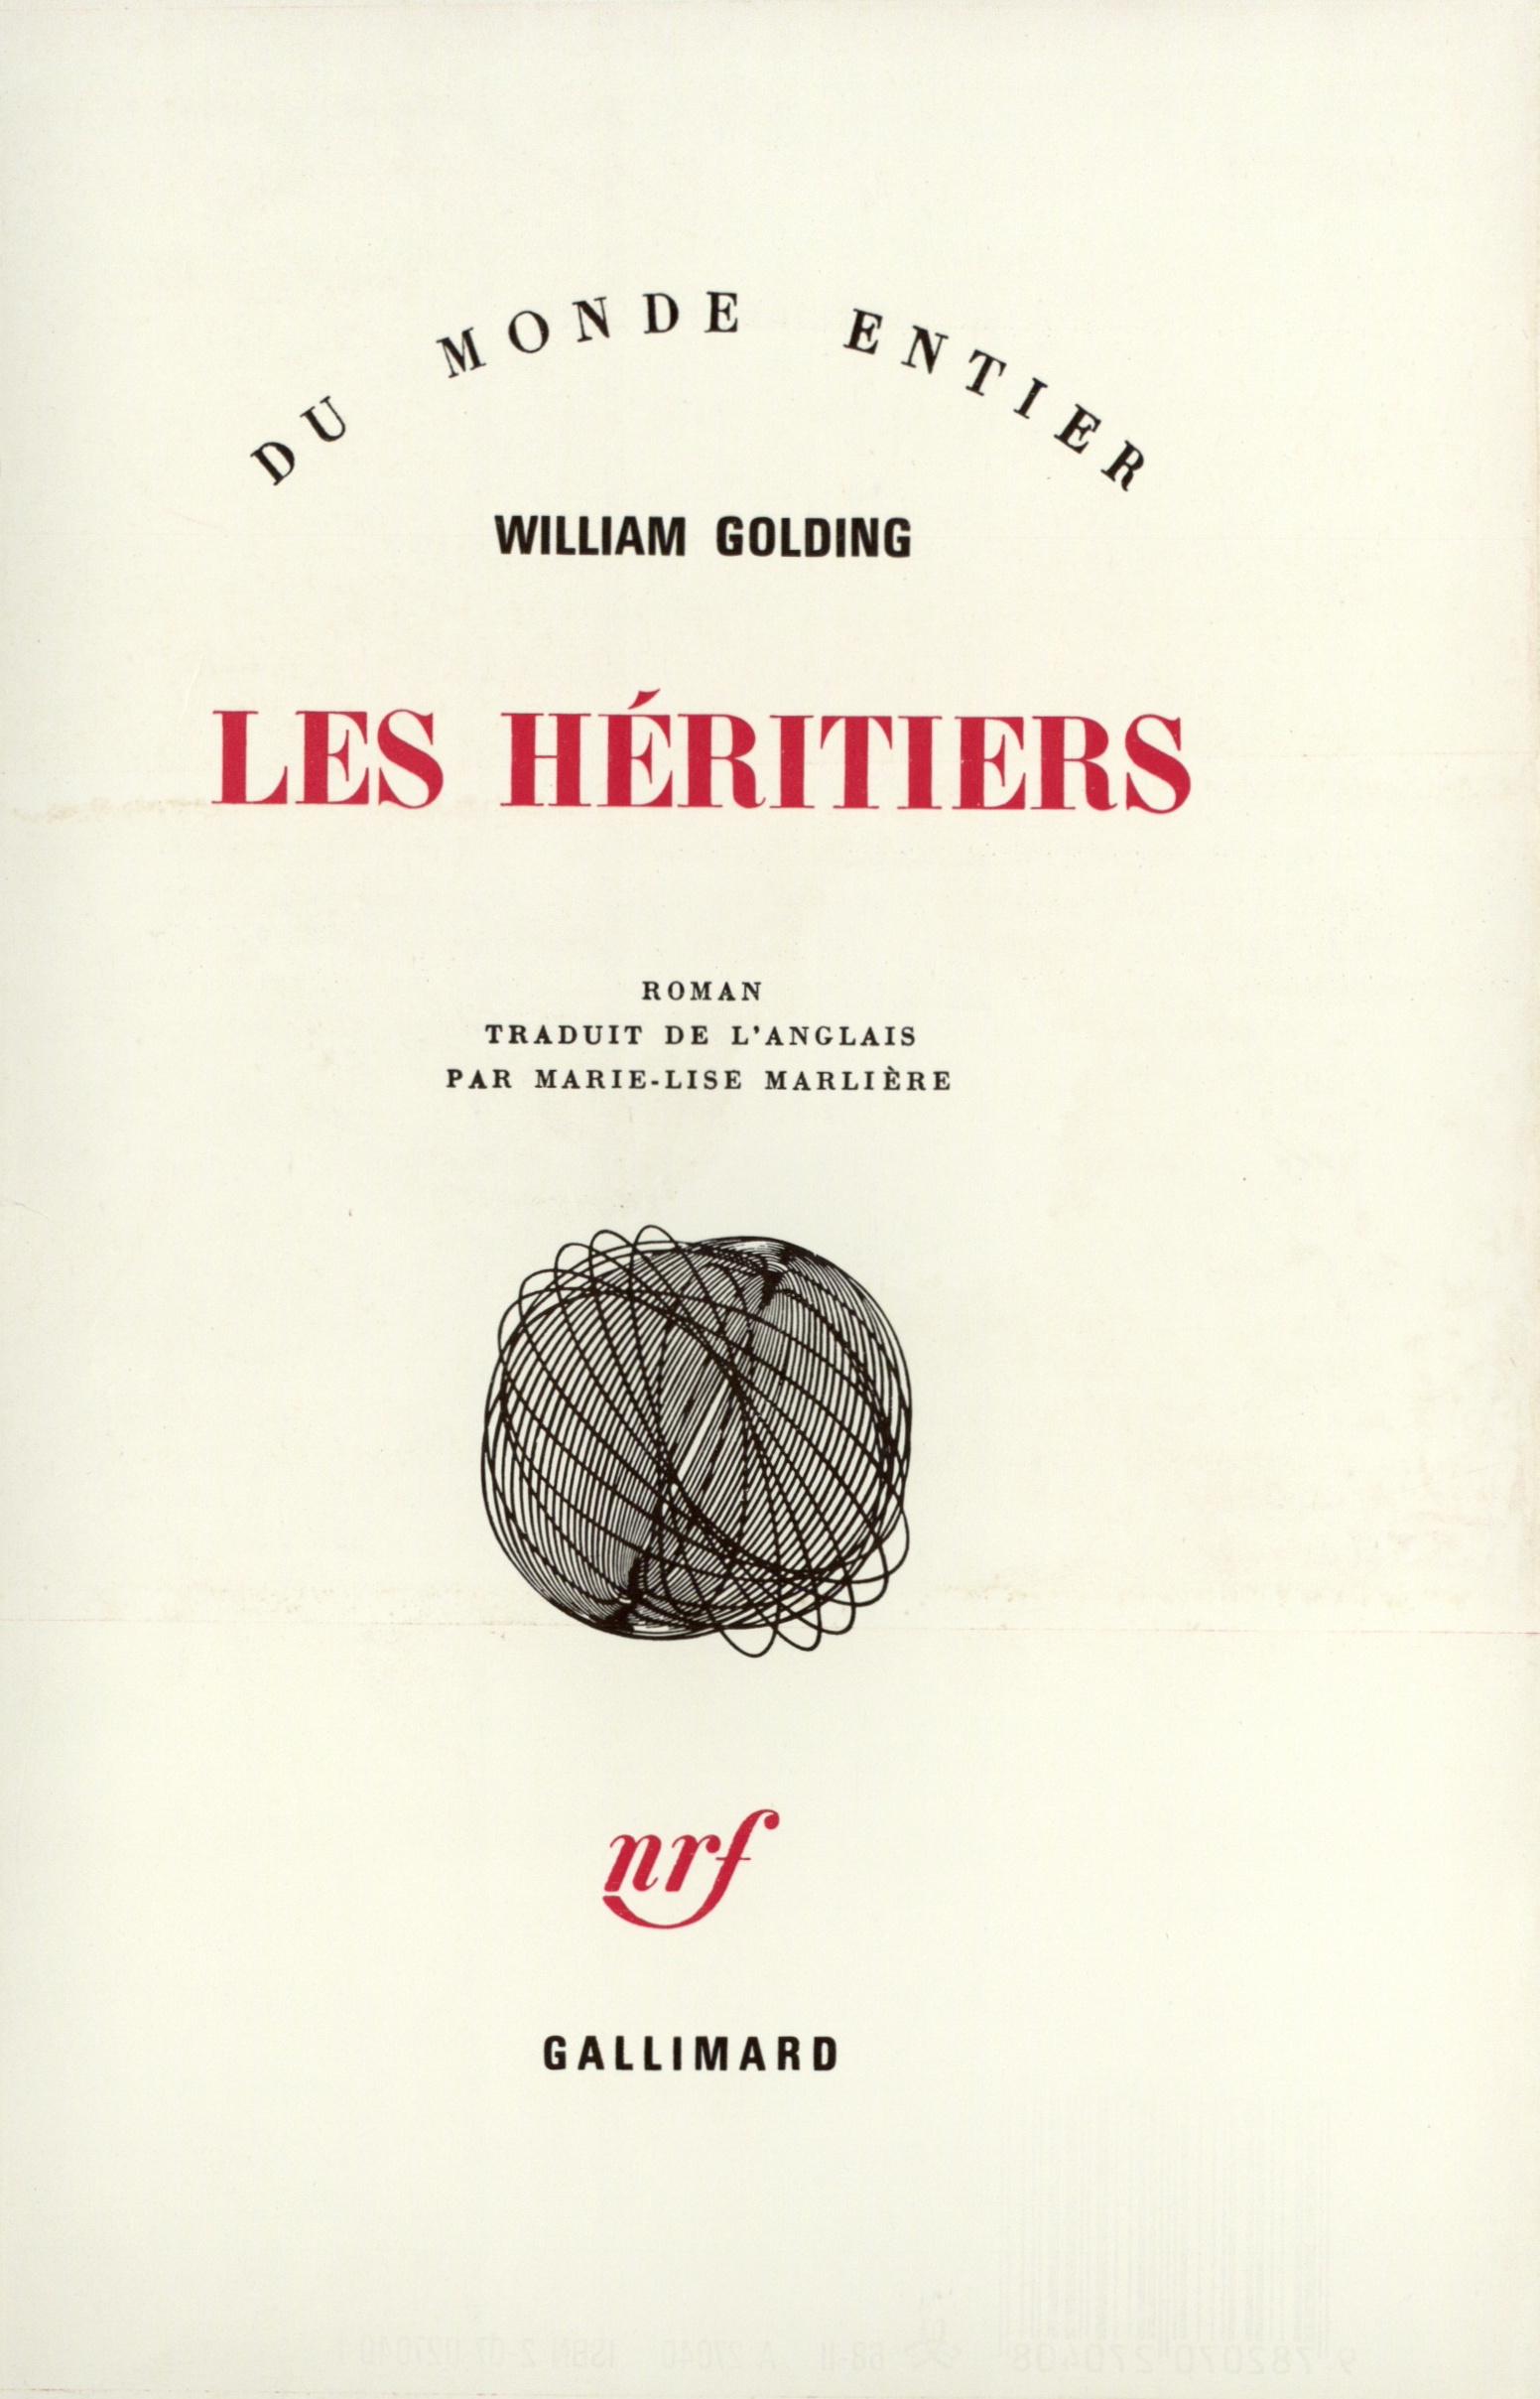 LES HERITIERS